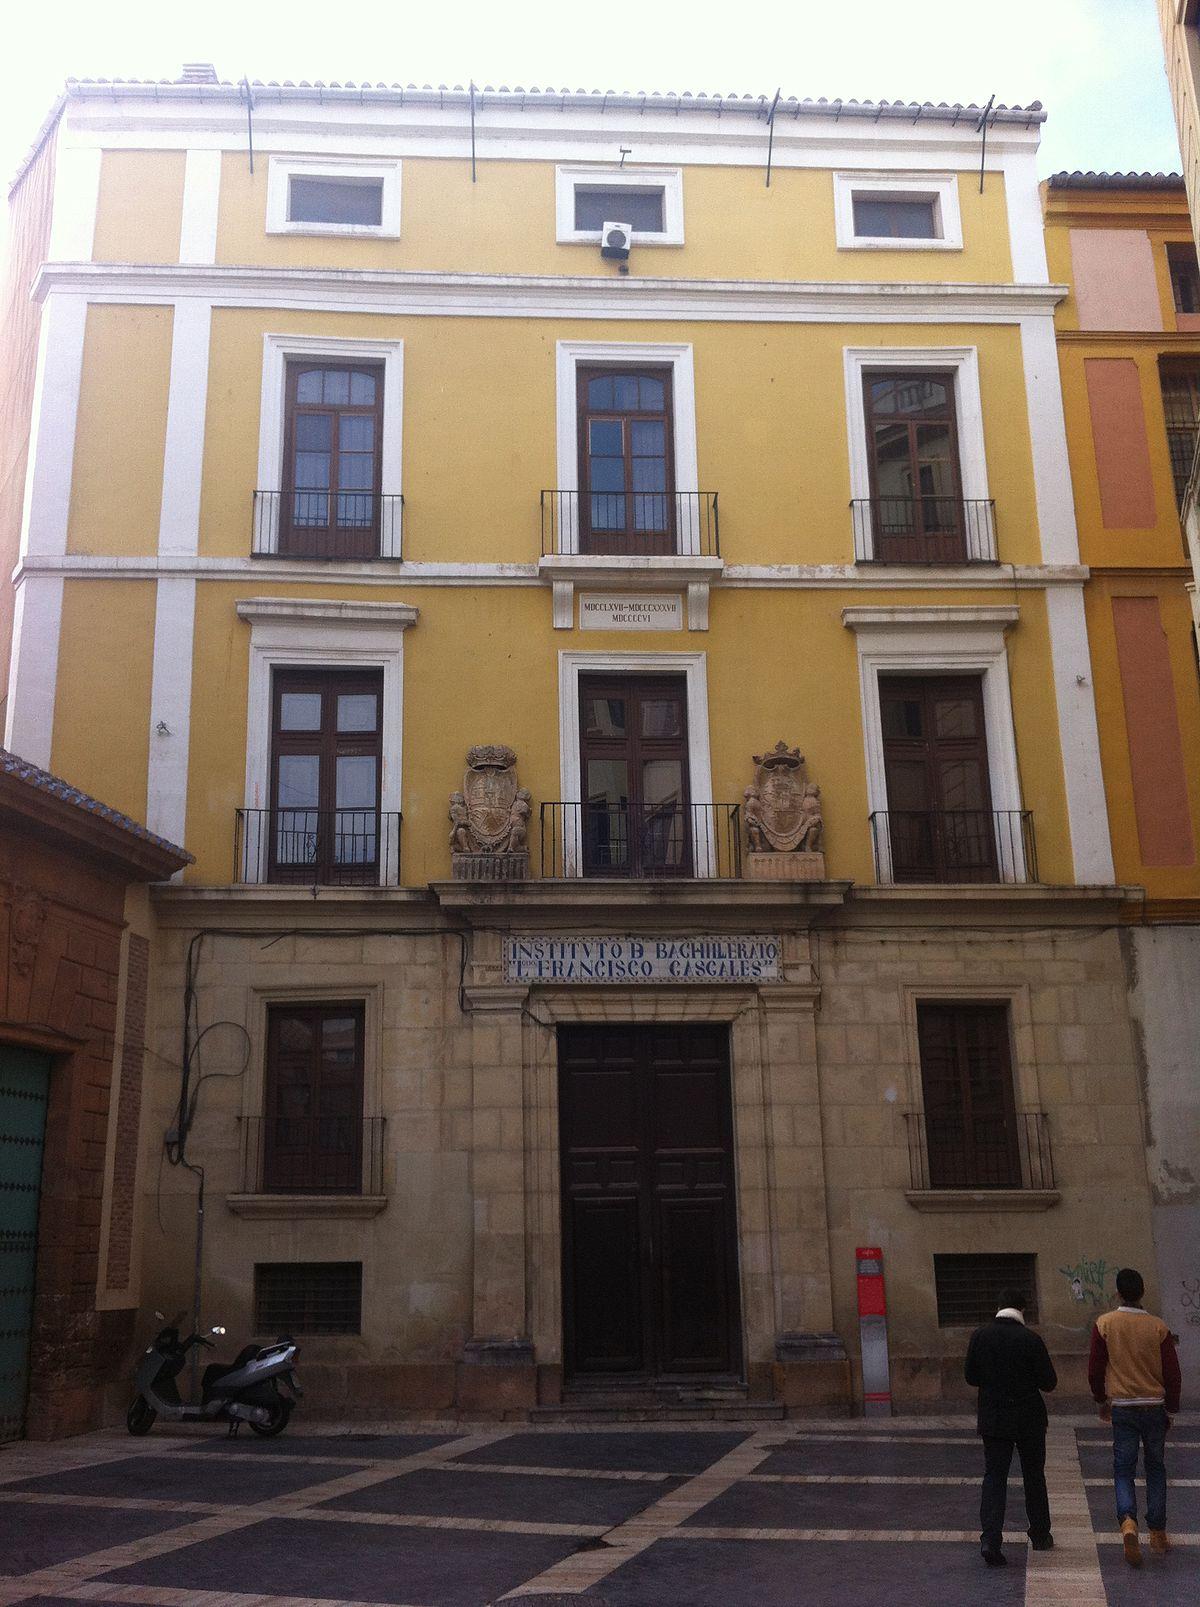 Antiguo colegio de te logos de san isidoro wikipedia la - Colegio de arquitectos tecnicos de murcia ...